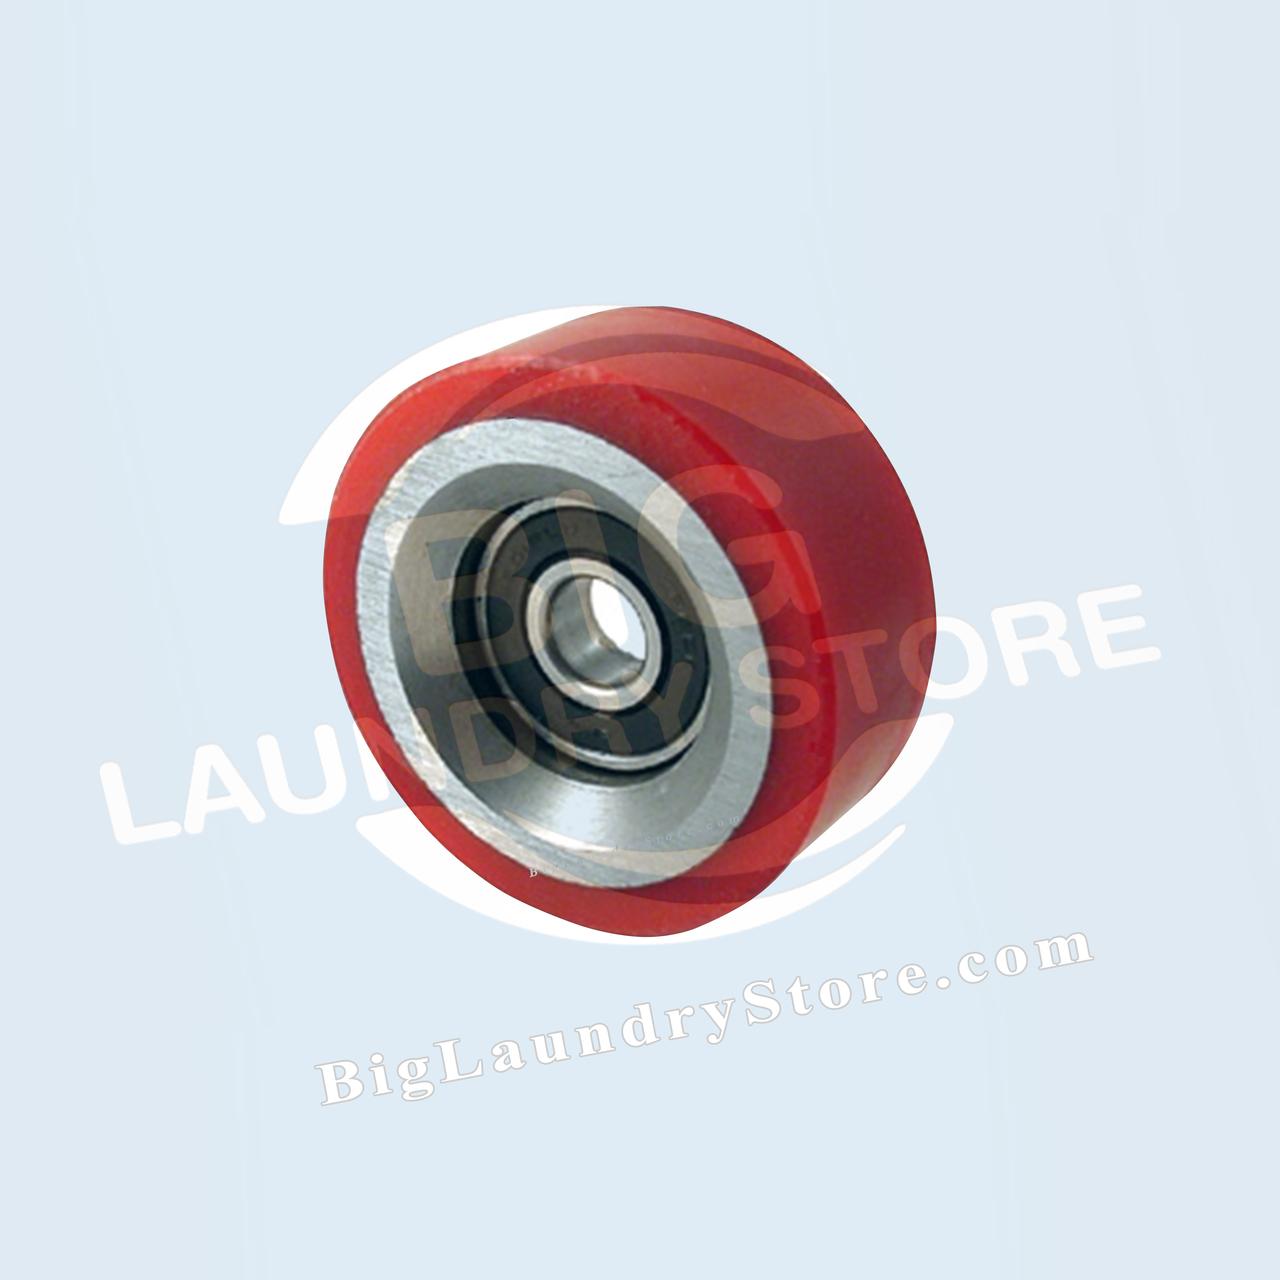 Assy Roller Bearing - Huebsch, Speed Queen or Unimac # 70298701P, 70568201